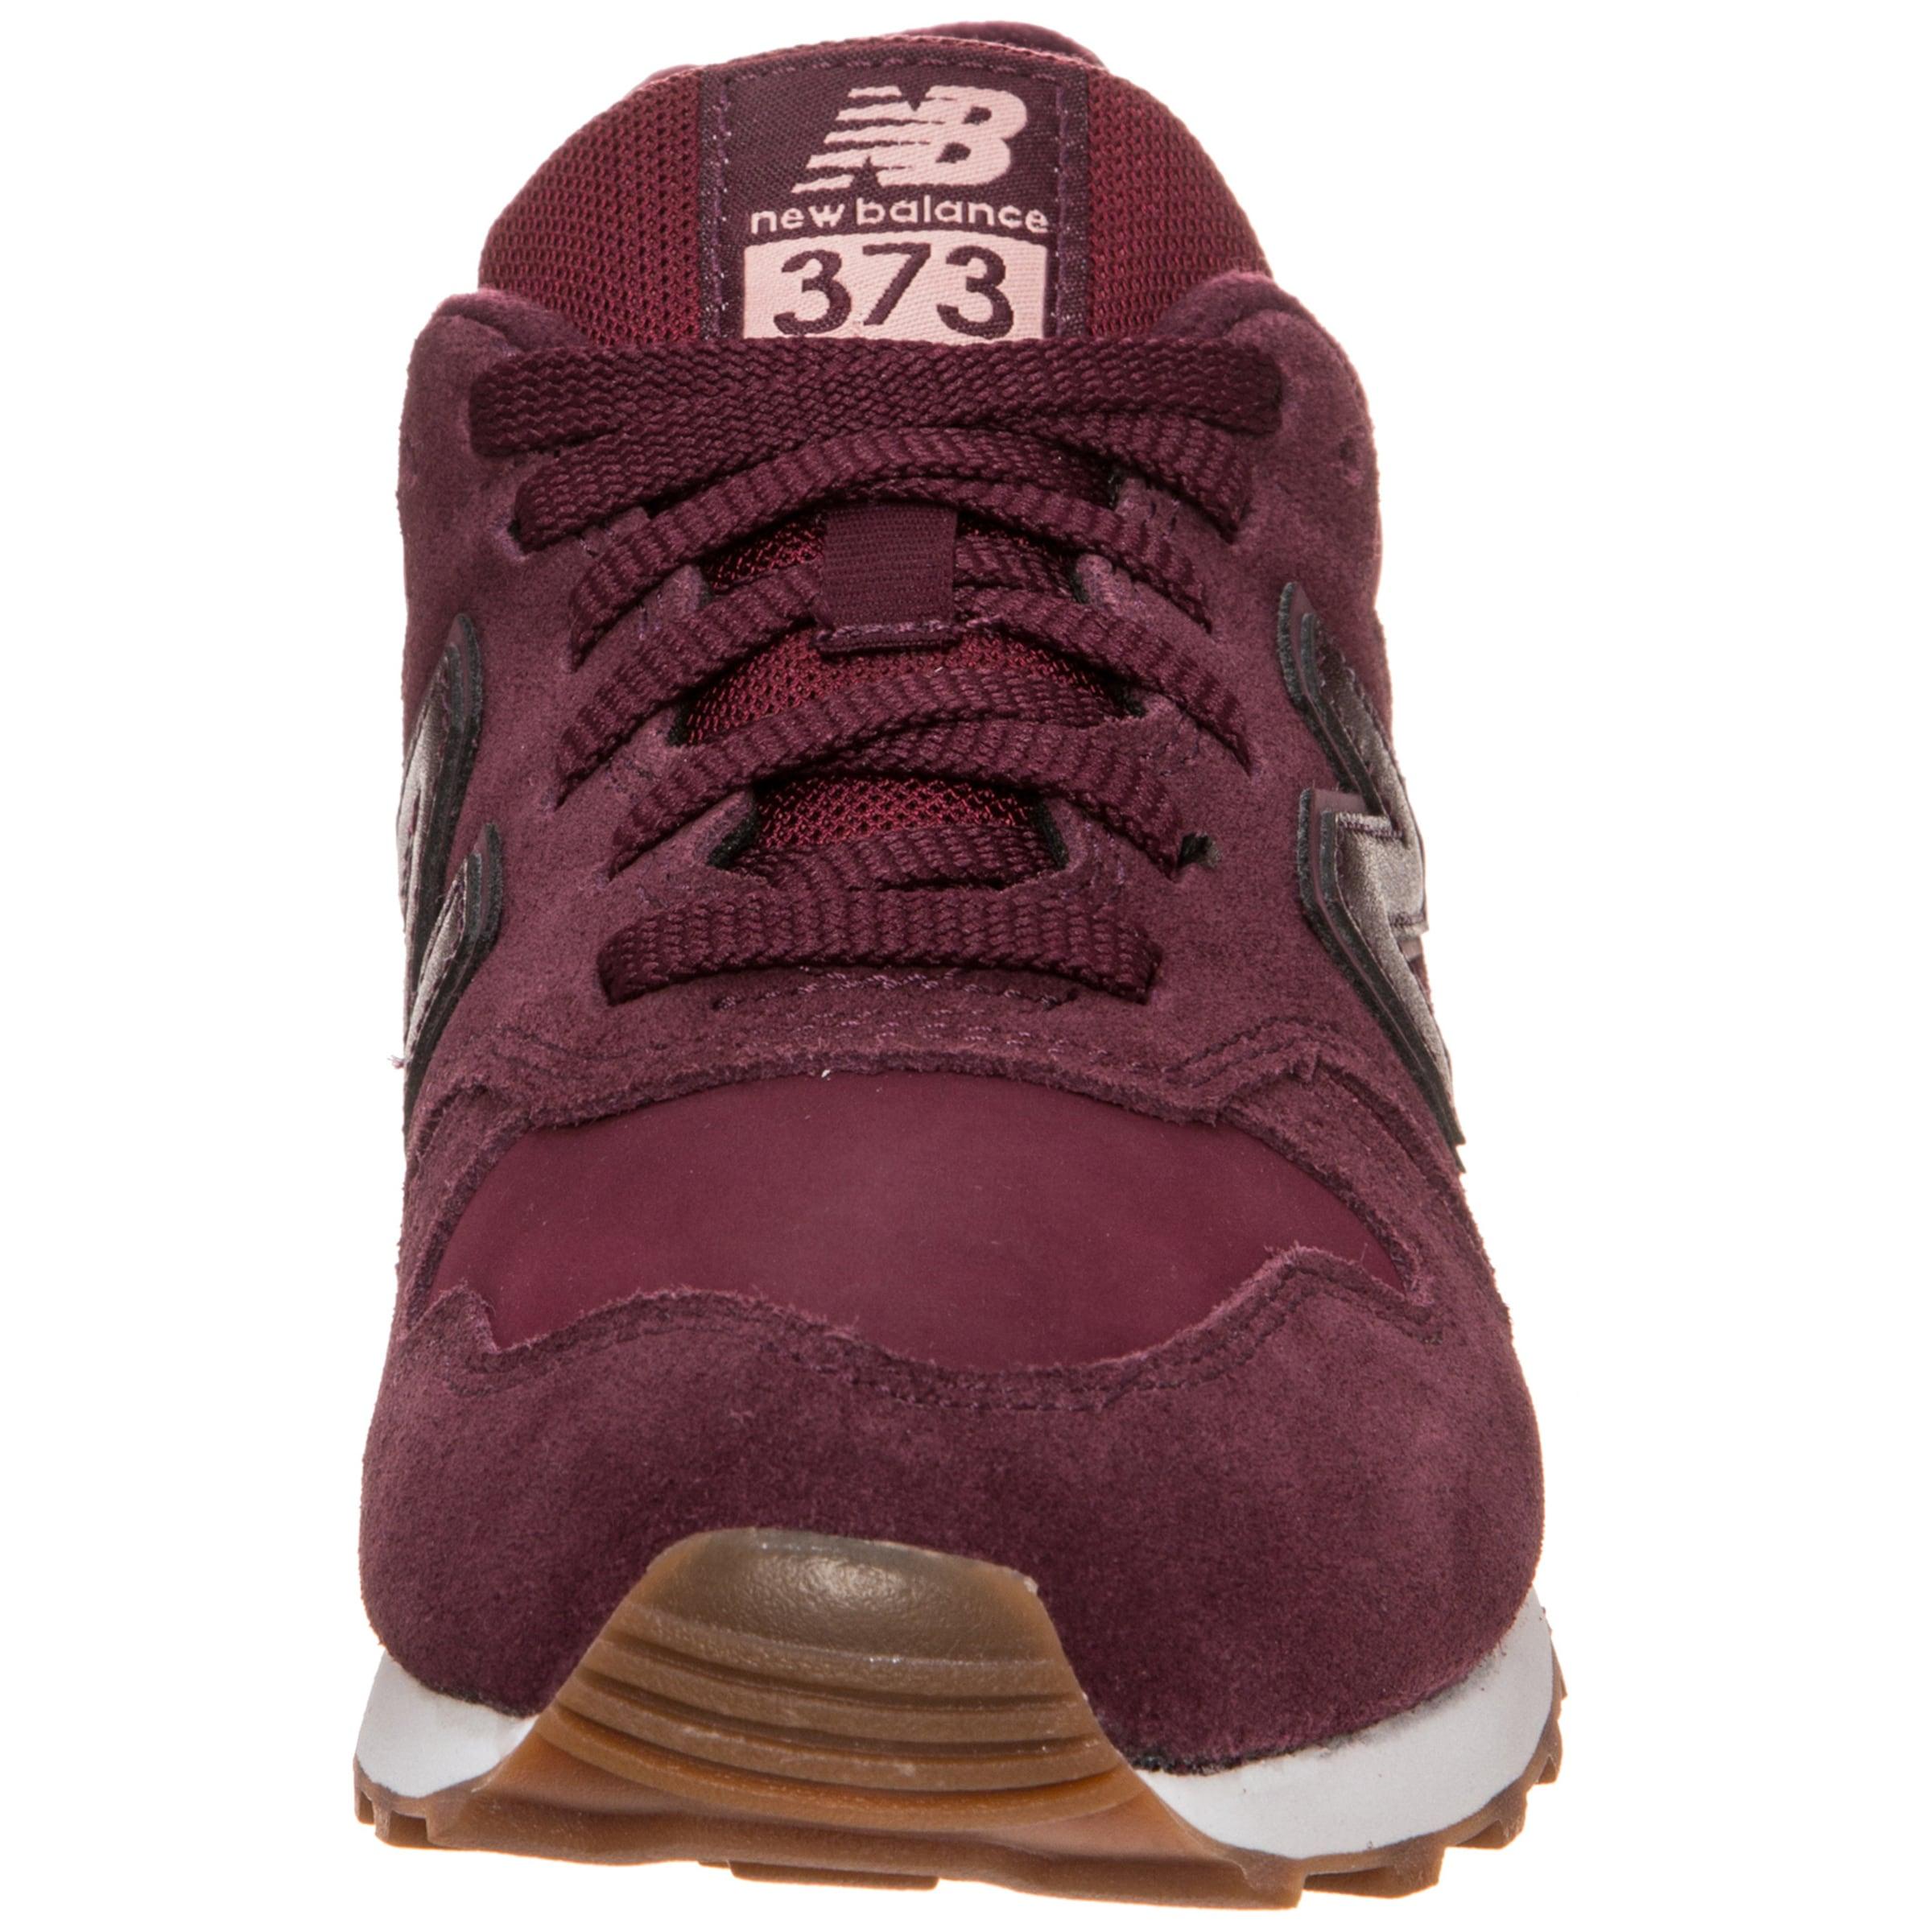 new balance 'WL373-KPS-B' Sneaker Die Günstigste Online-Verkauf Erkunden Günstig Online Günstiger Preis Großhandelspreis Günstig Kaufen Billig LTtQEP